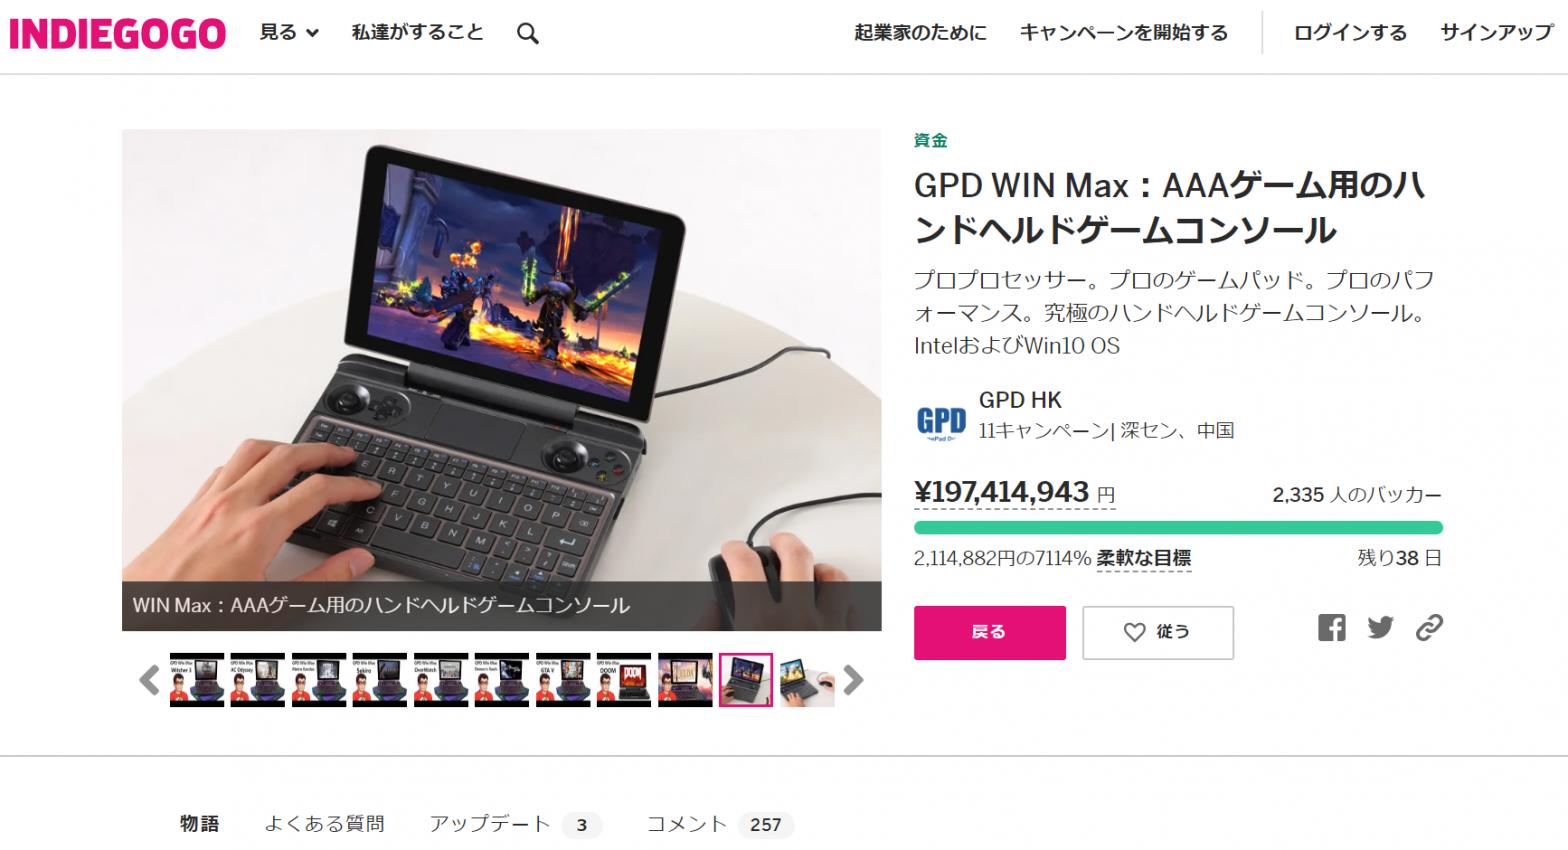 GPD WIN Max